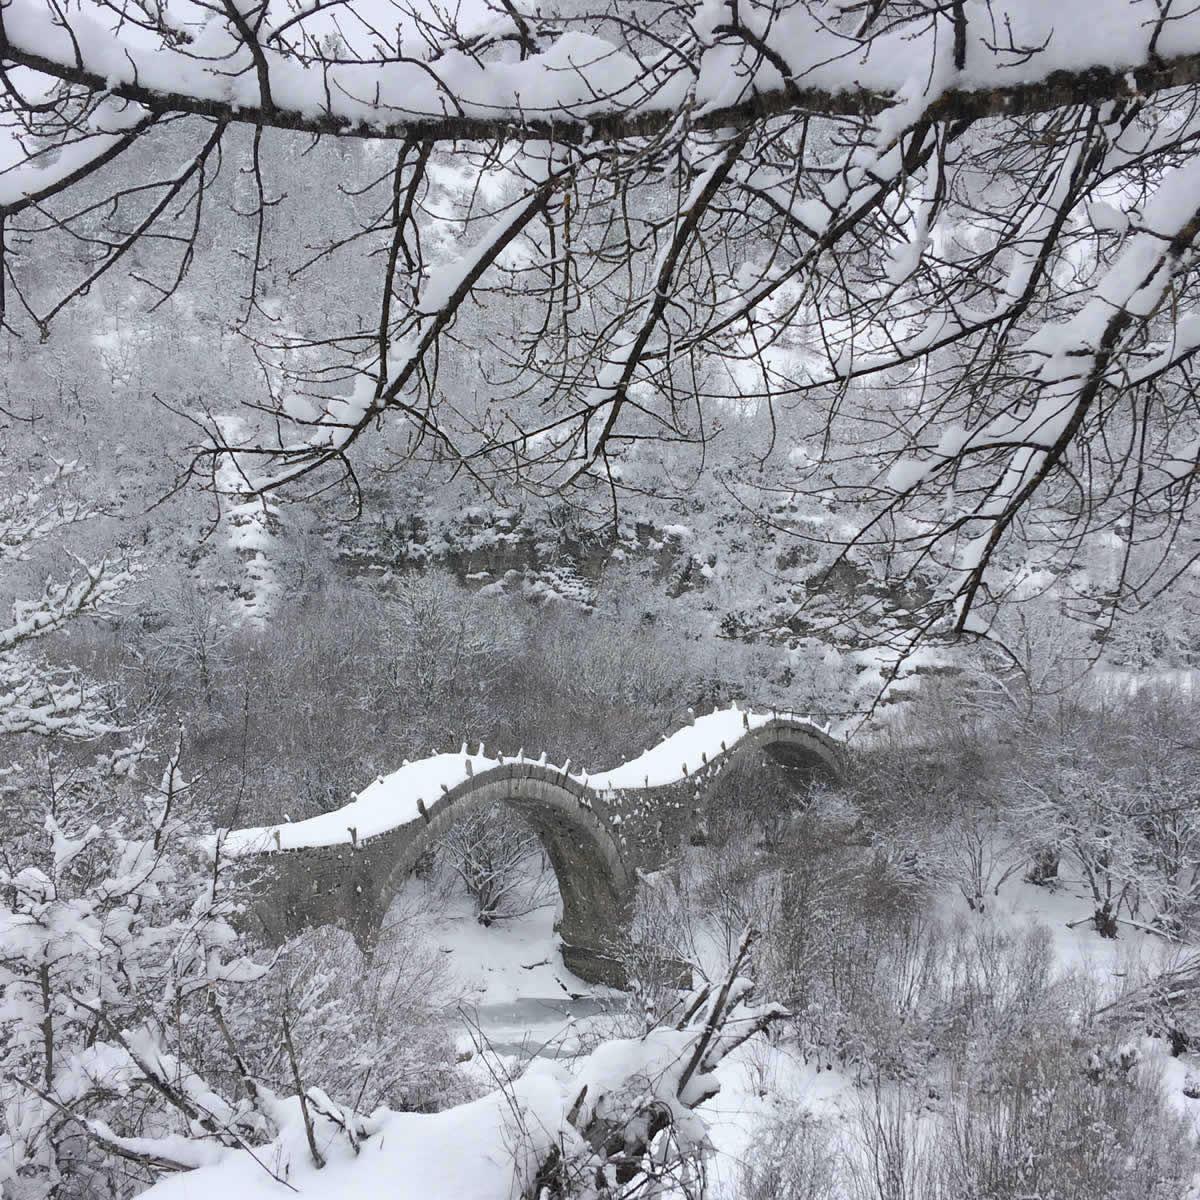 Tritoxo triple arch traditional stone bridge in Zagori between Kipoi and Koukouli villages